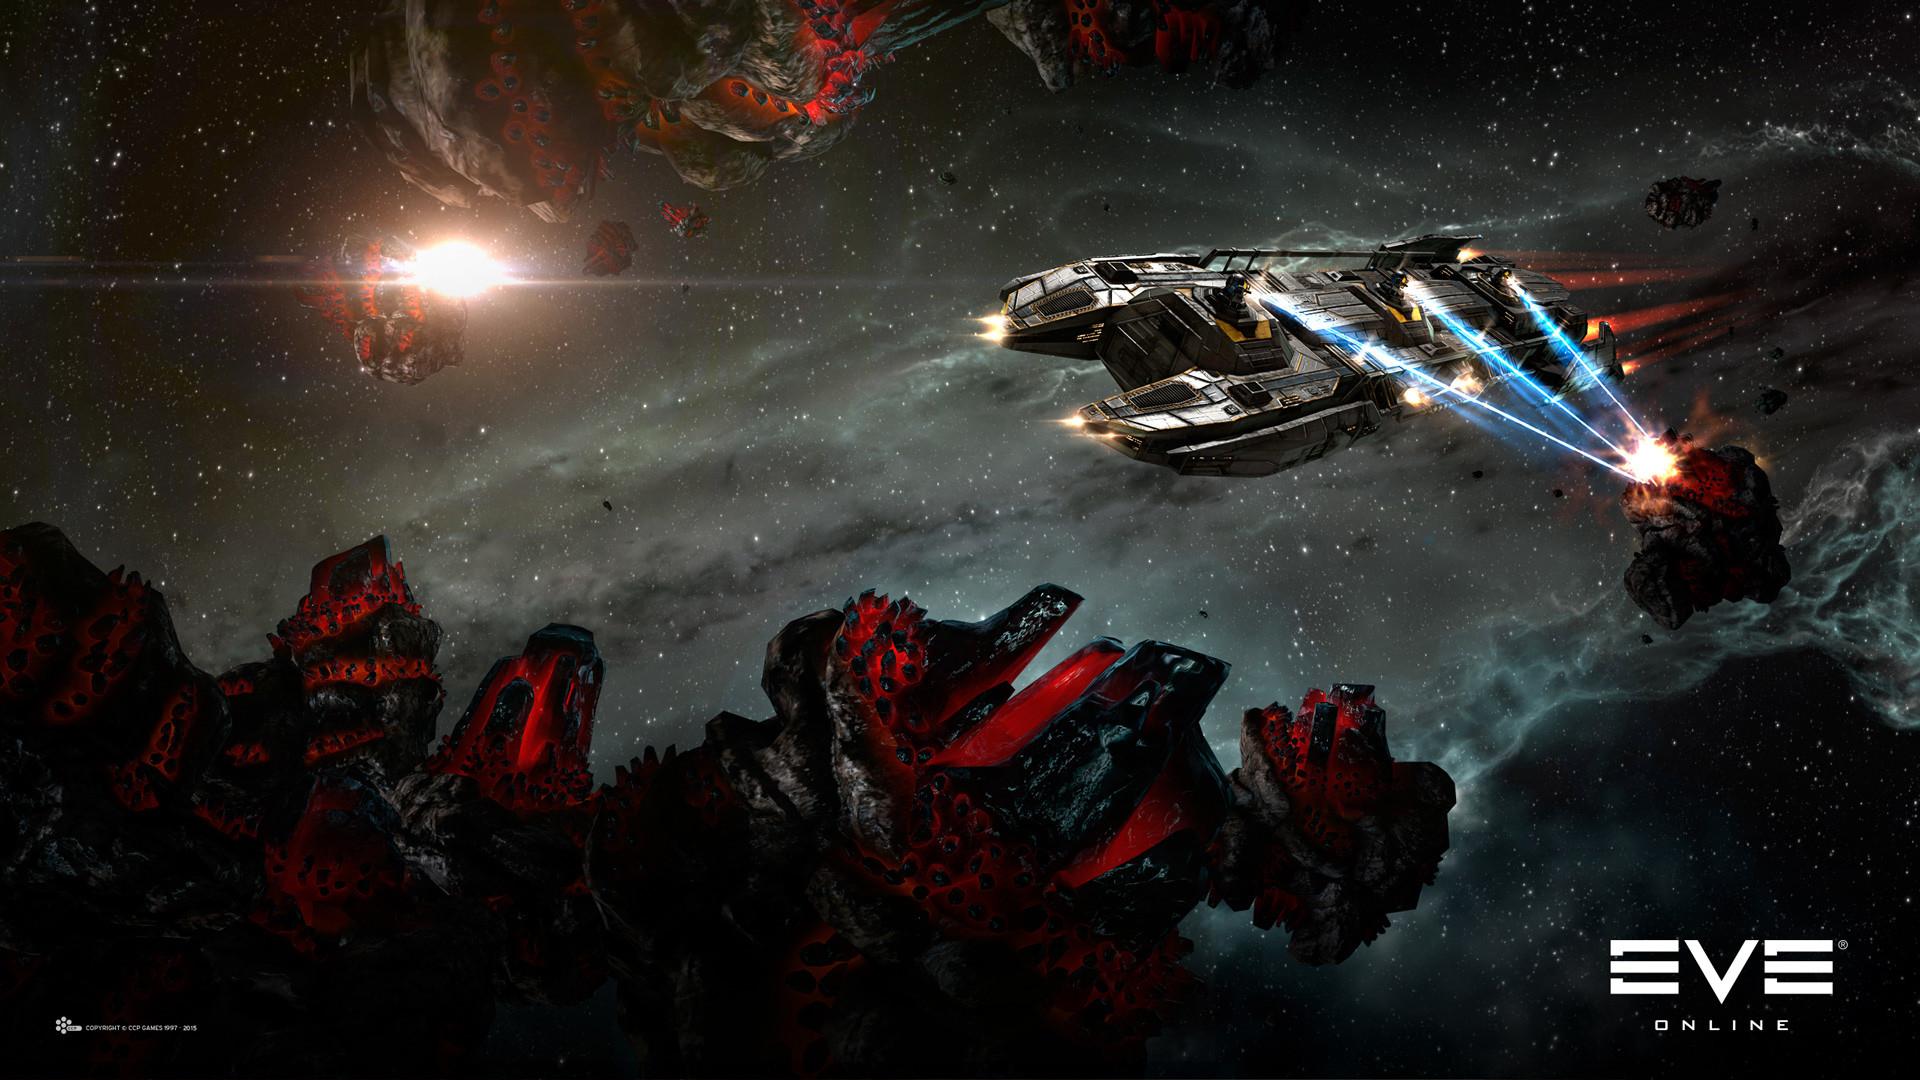 Citadel Expansion for Eve Online drops on 27th April … eve online citadel  wallpaper …